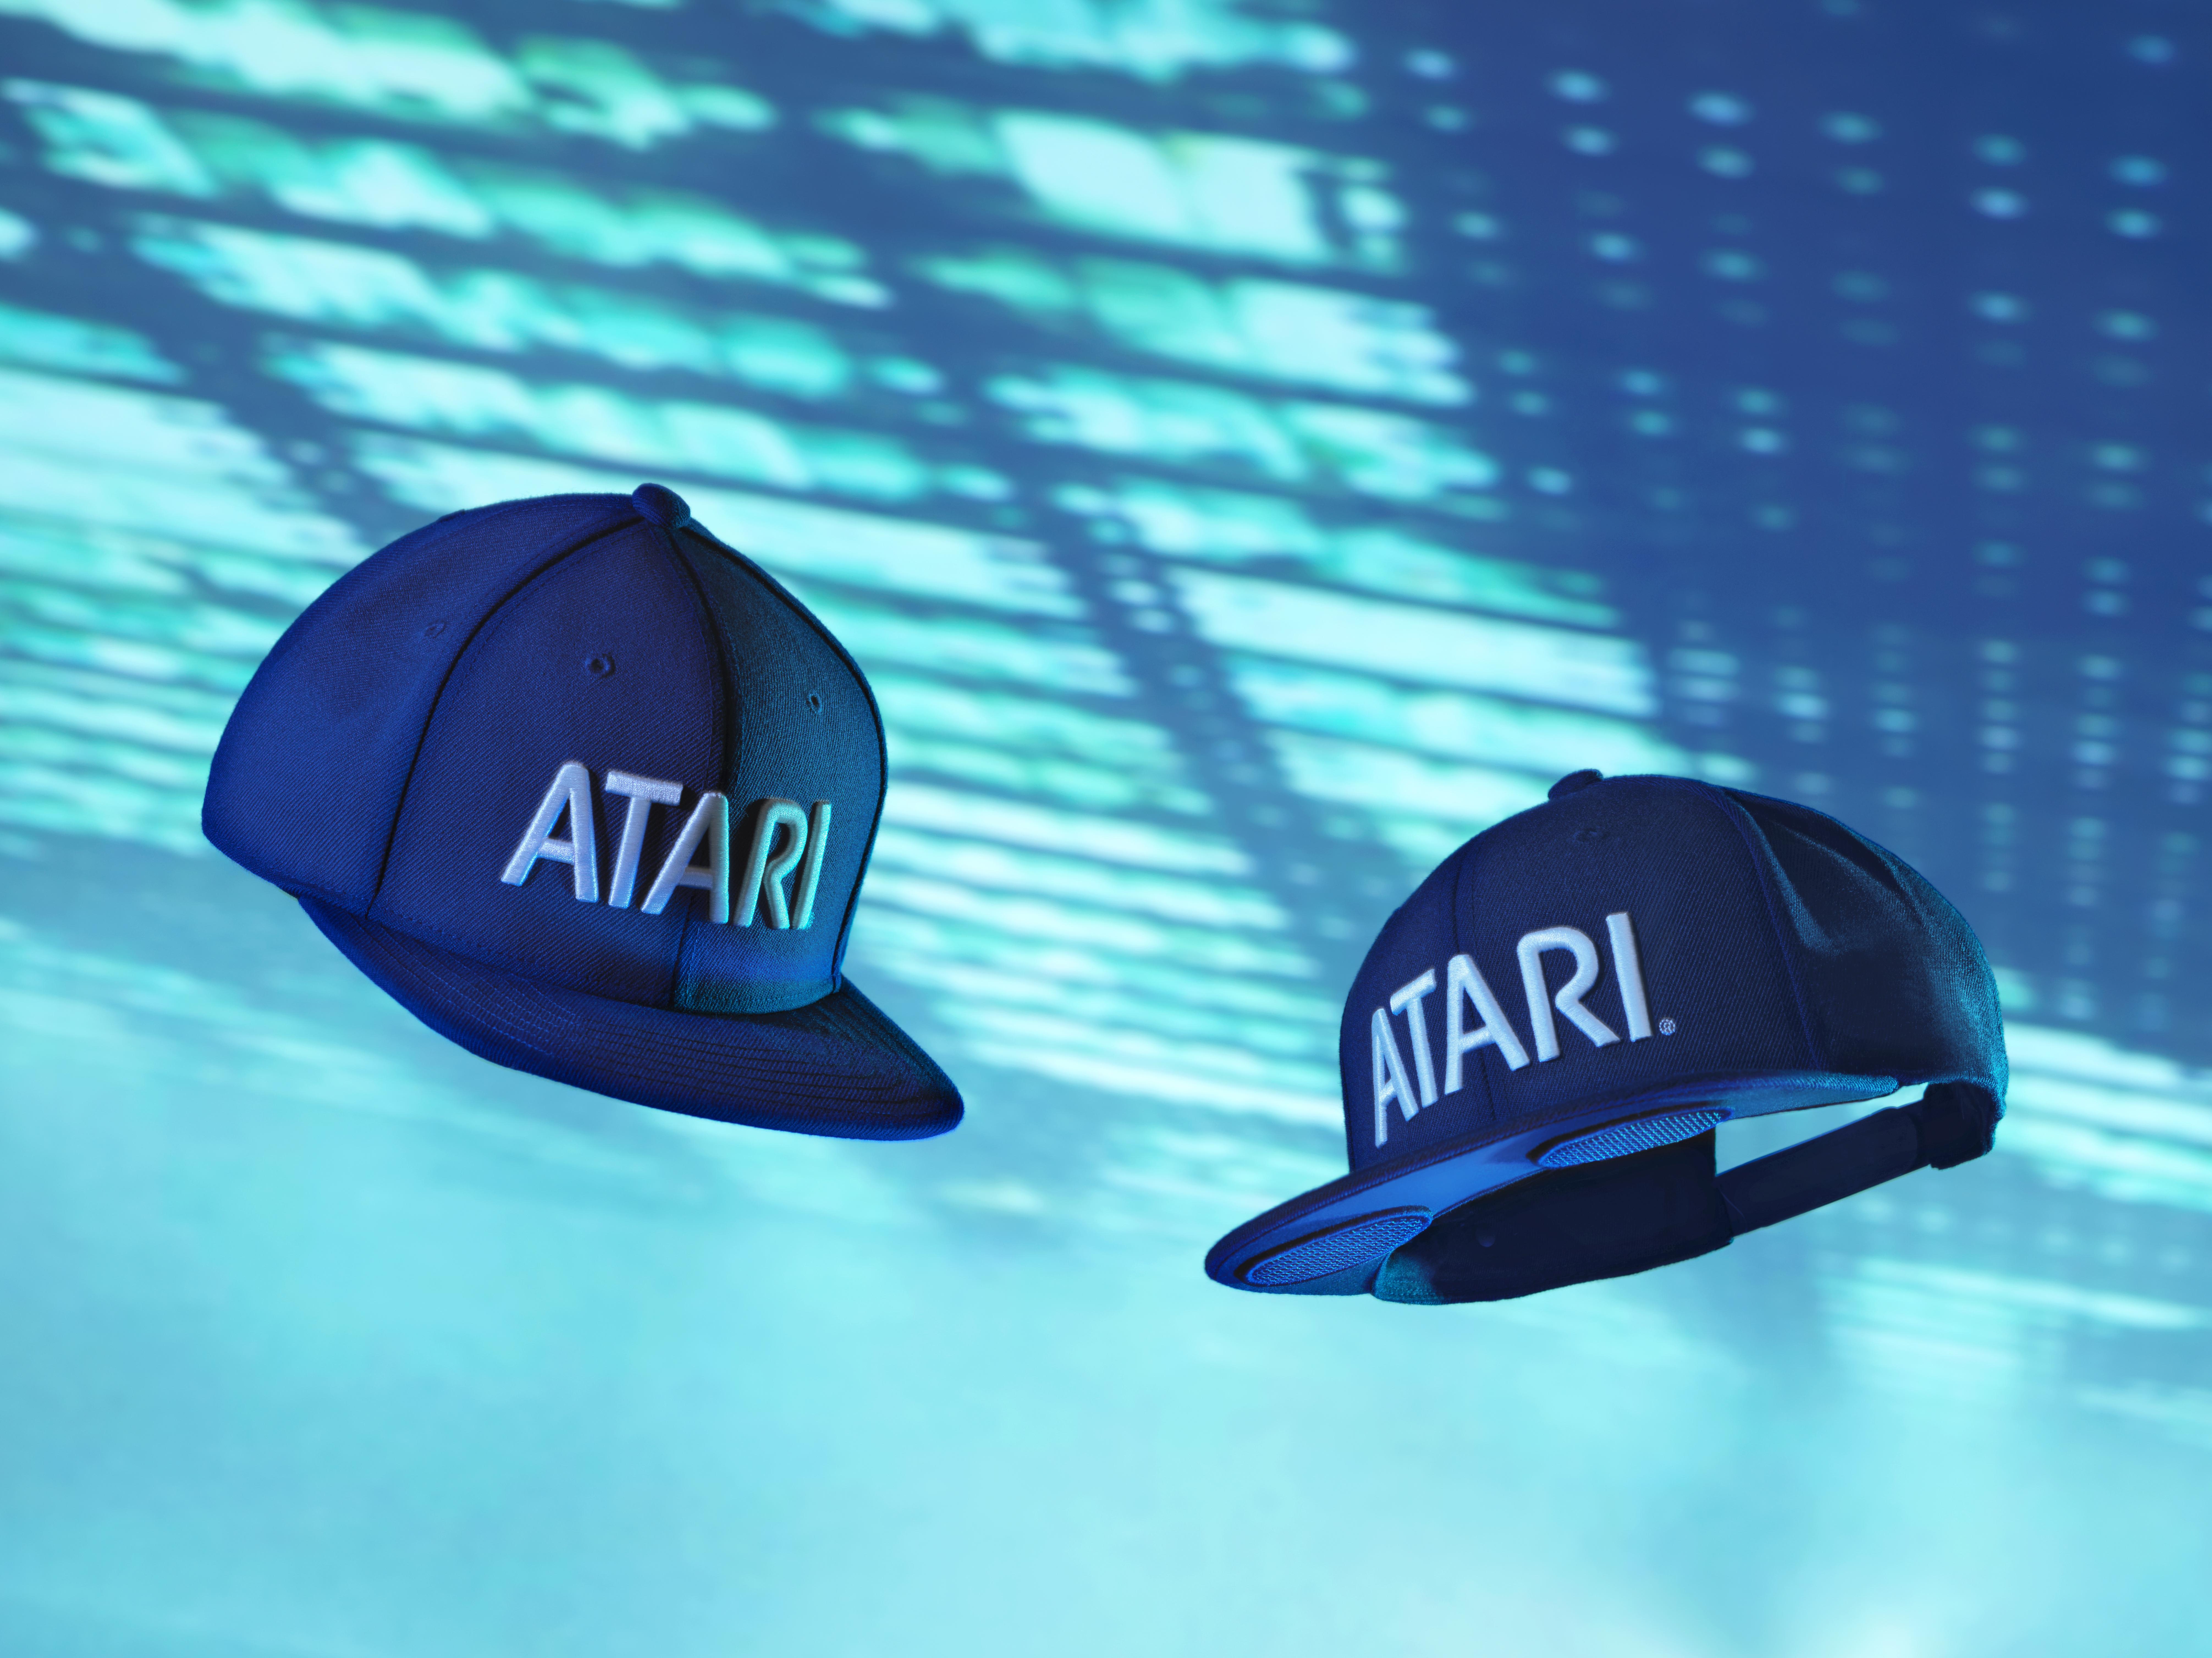 Atari hats